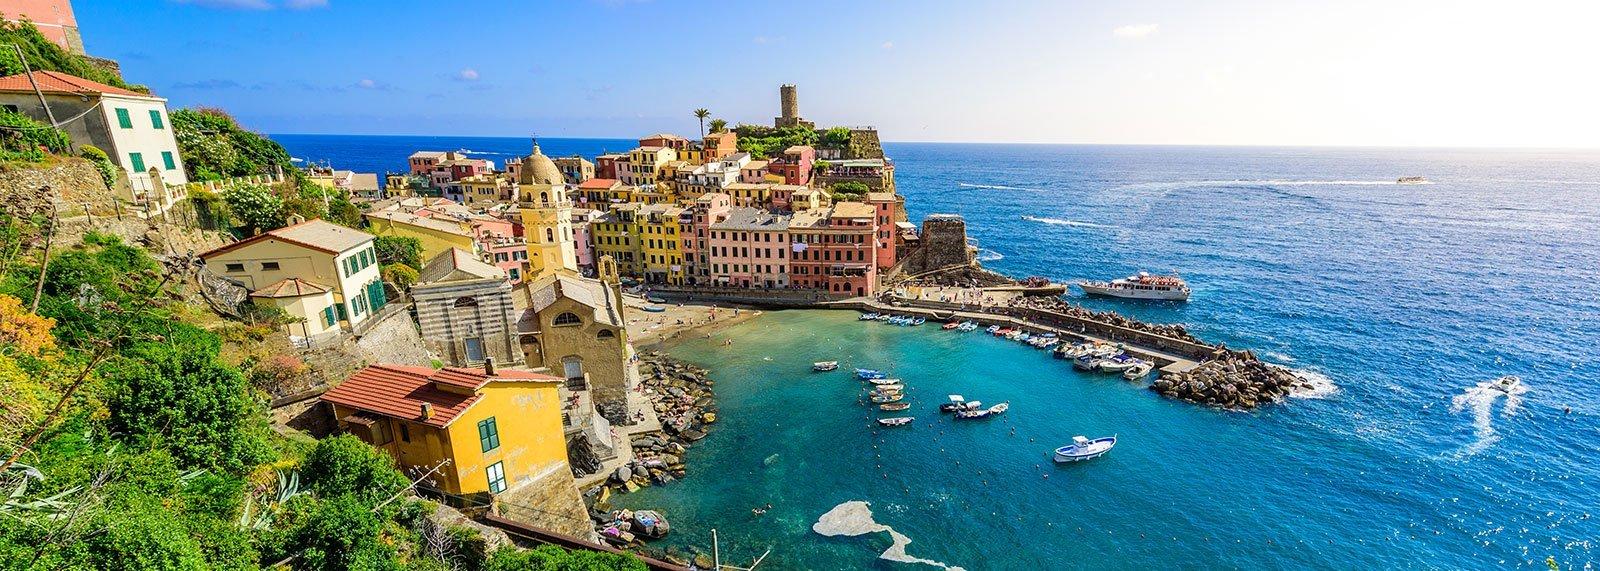 Gita al mare in Liguria - La Rosa nel Borgo